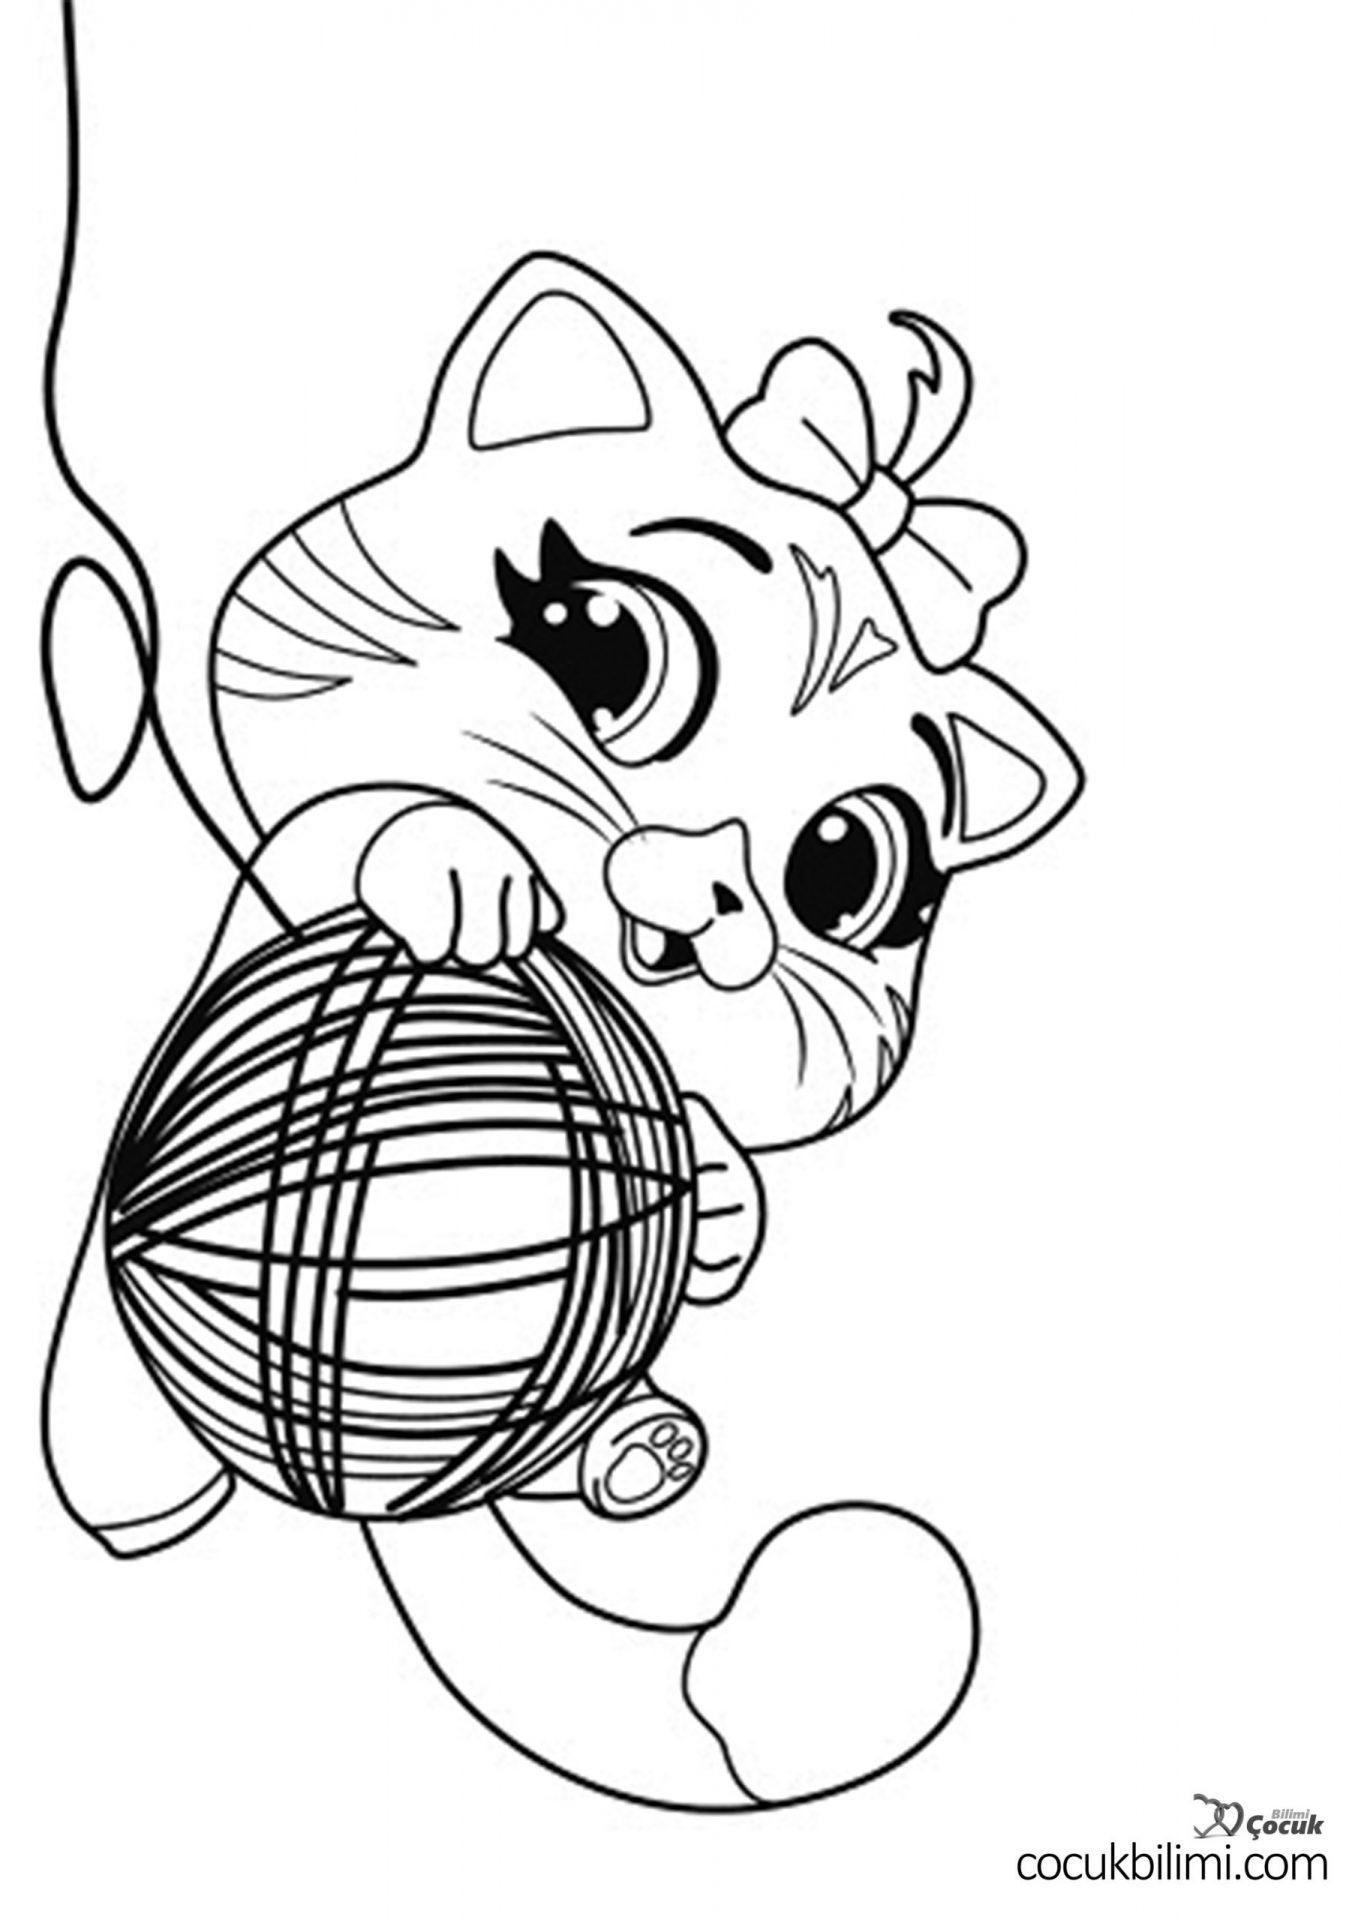 kedi-ve-yumak-boyama